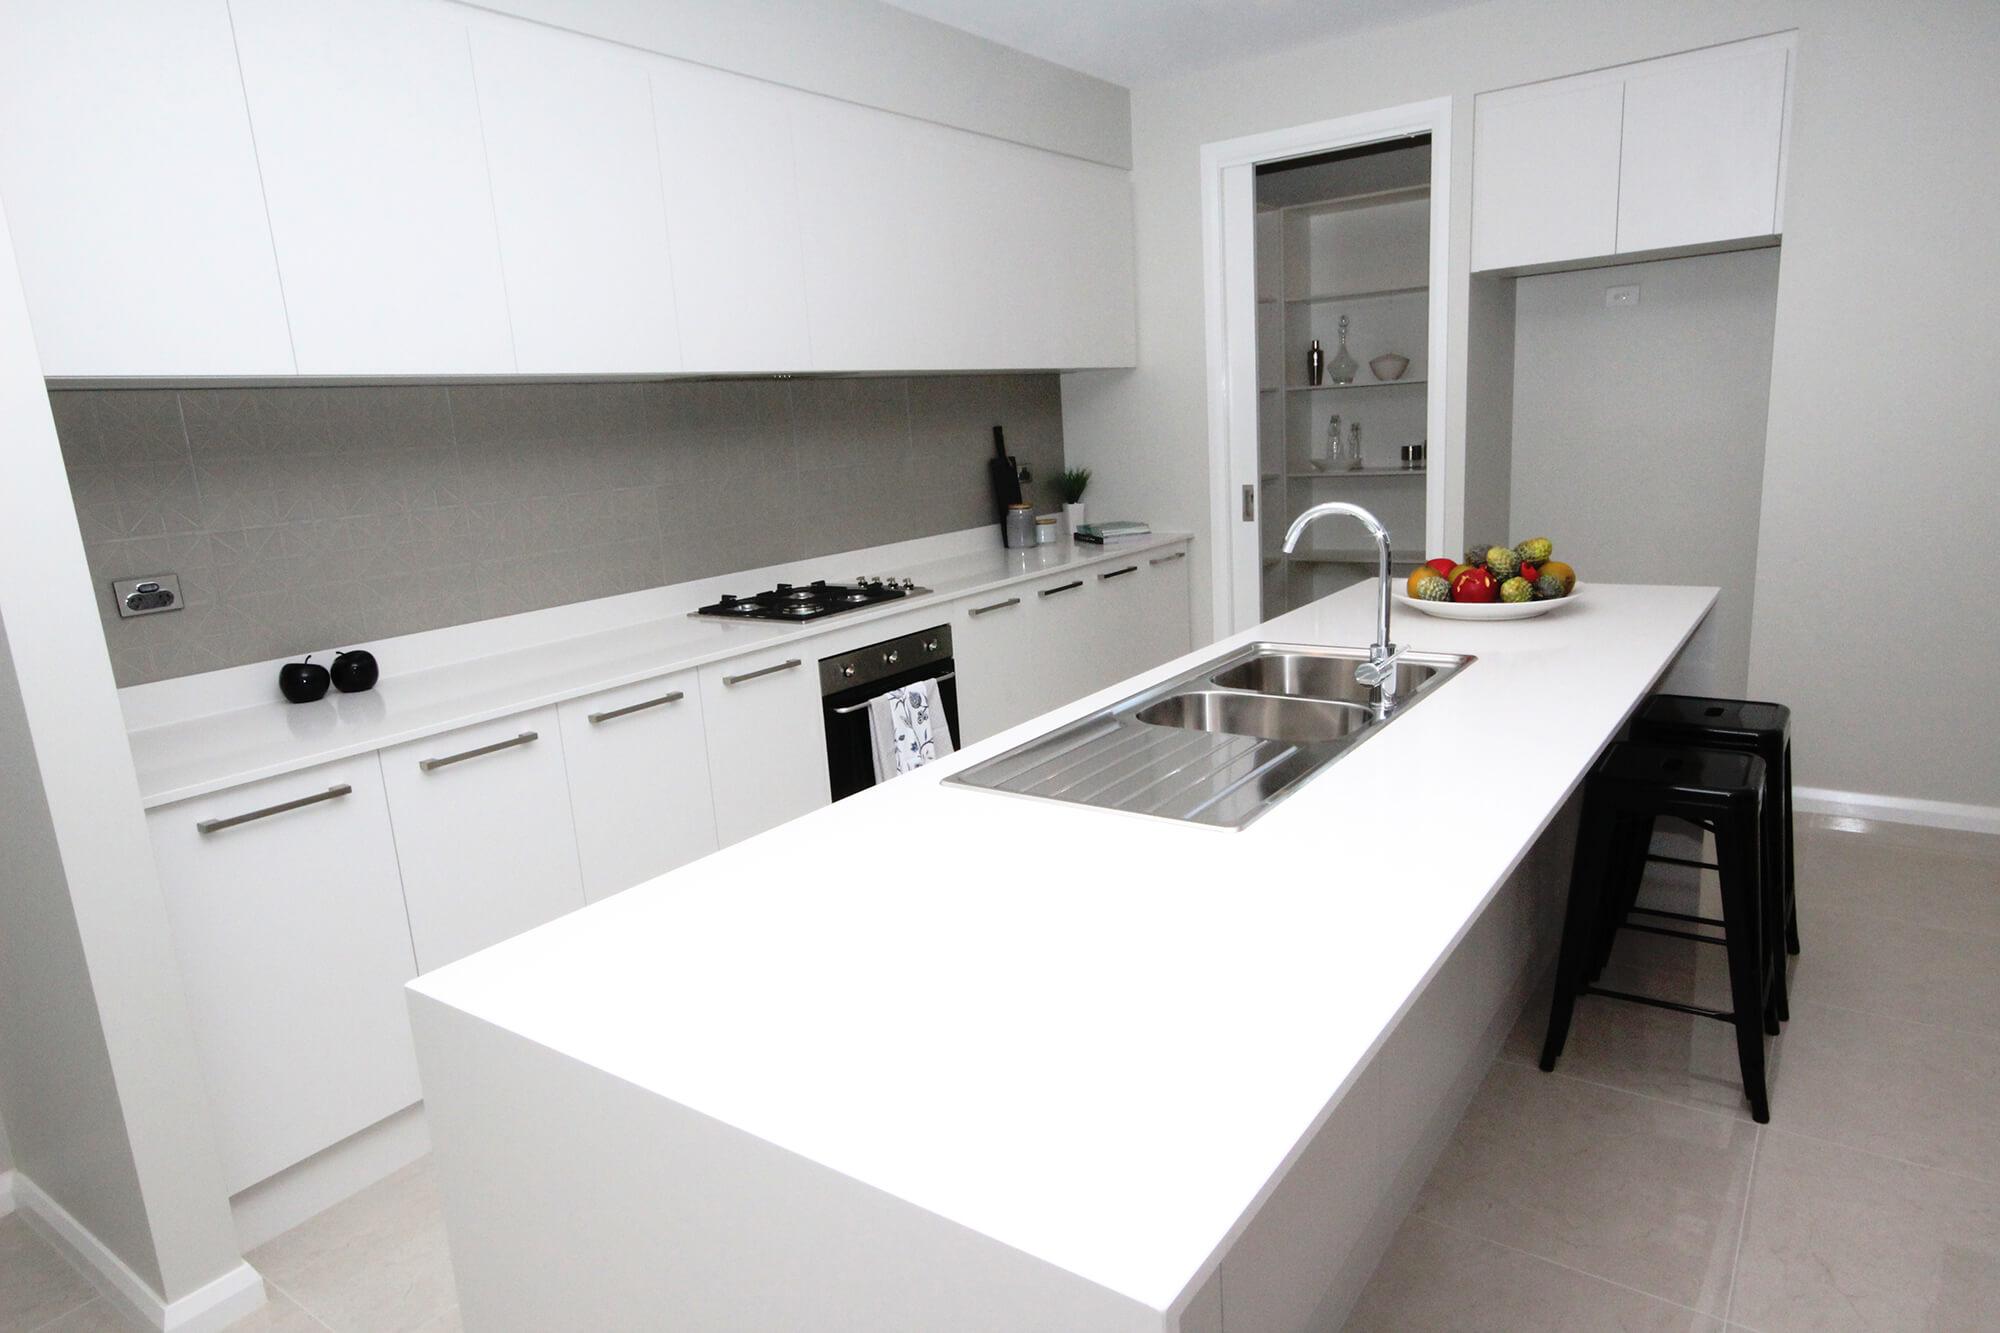 Tusmore kitchen